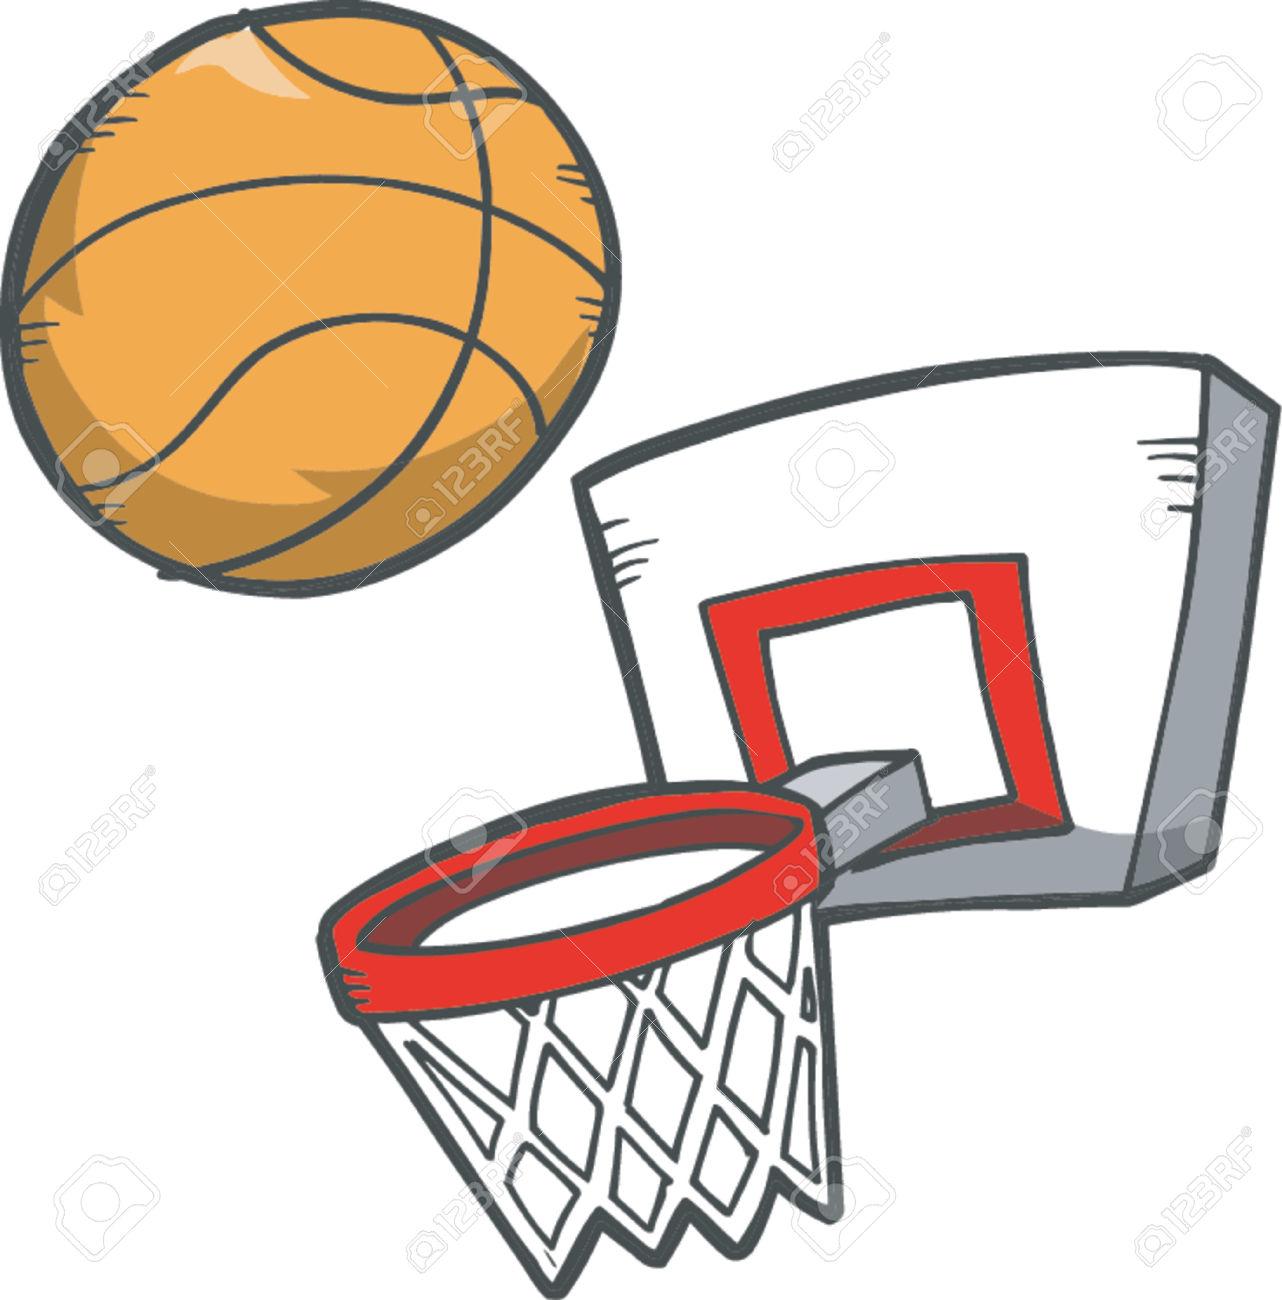 Basketball going through hoop clipart.